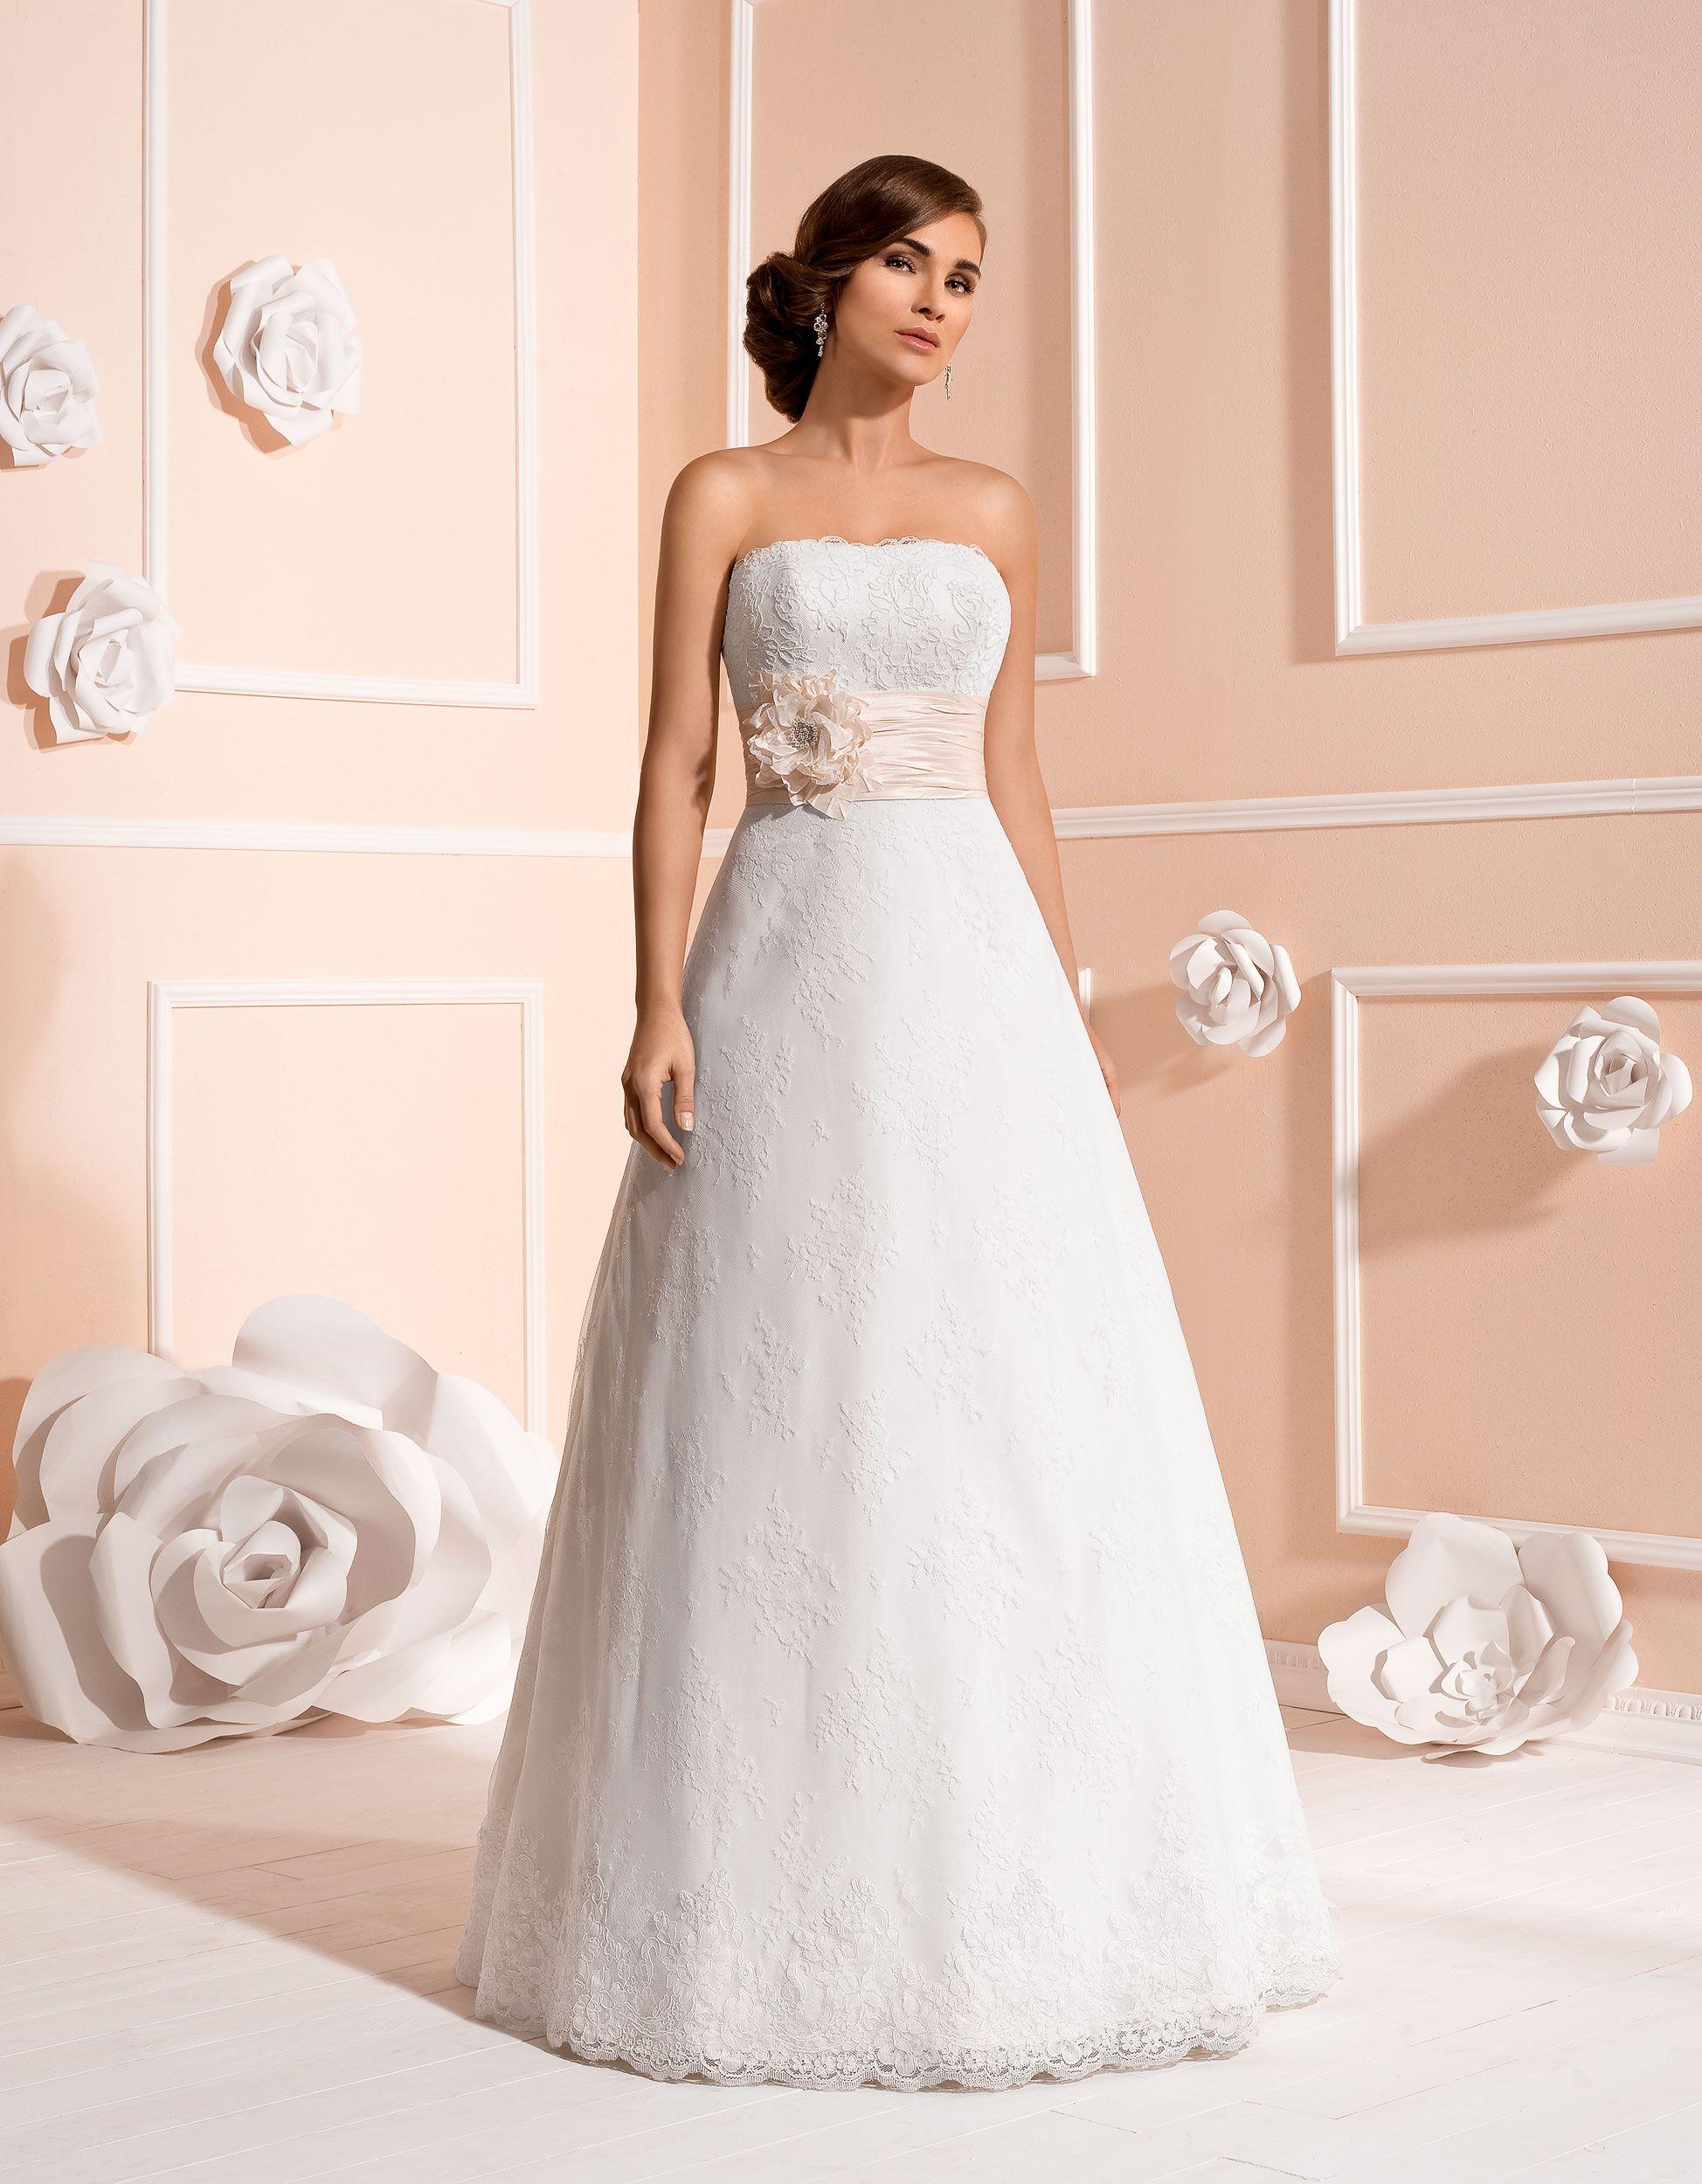 Ziemlich Nixekleid Hochzeit Zeitgenössisch - Brautkleider Ideen ...